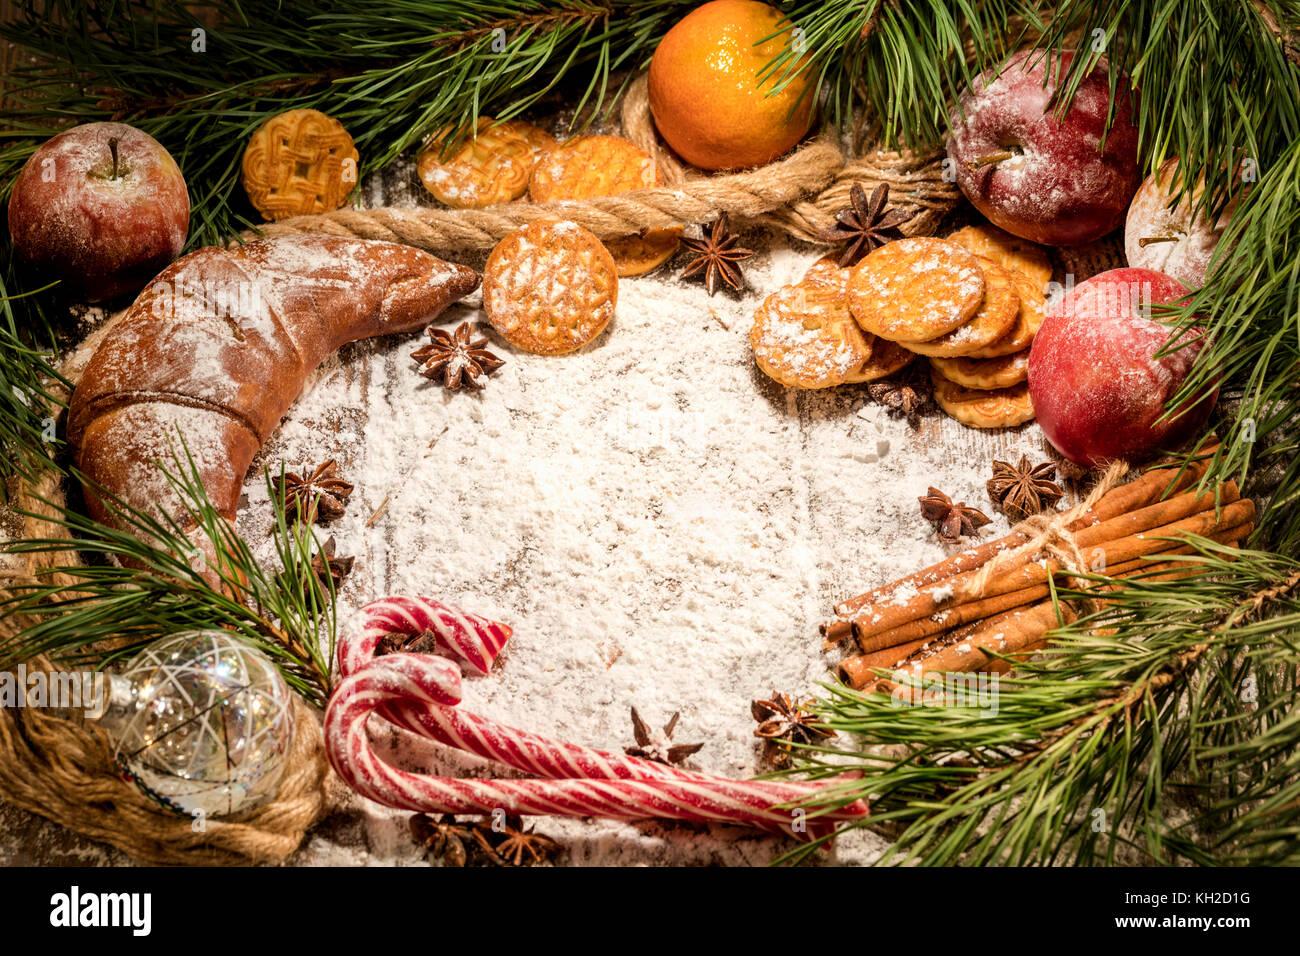 Noël encore la vie avec des bonbons et des fruits sous l'arbre de Noël Photo Stock